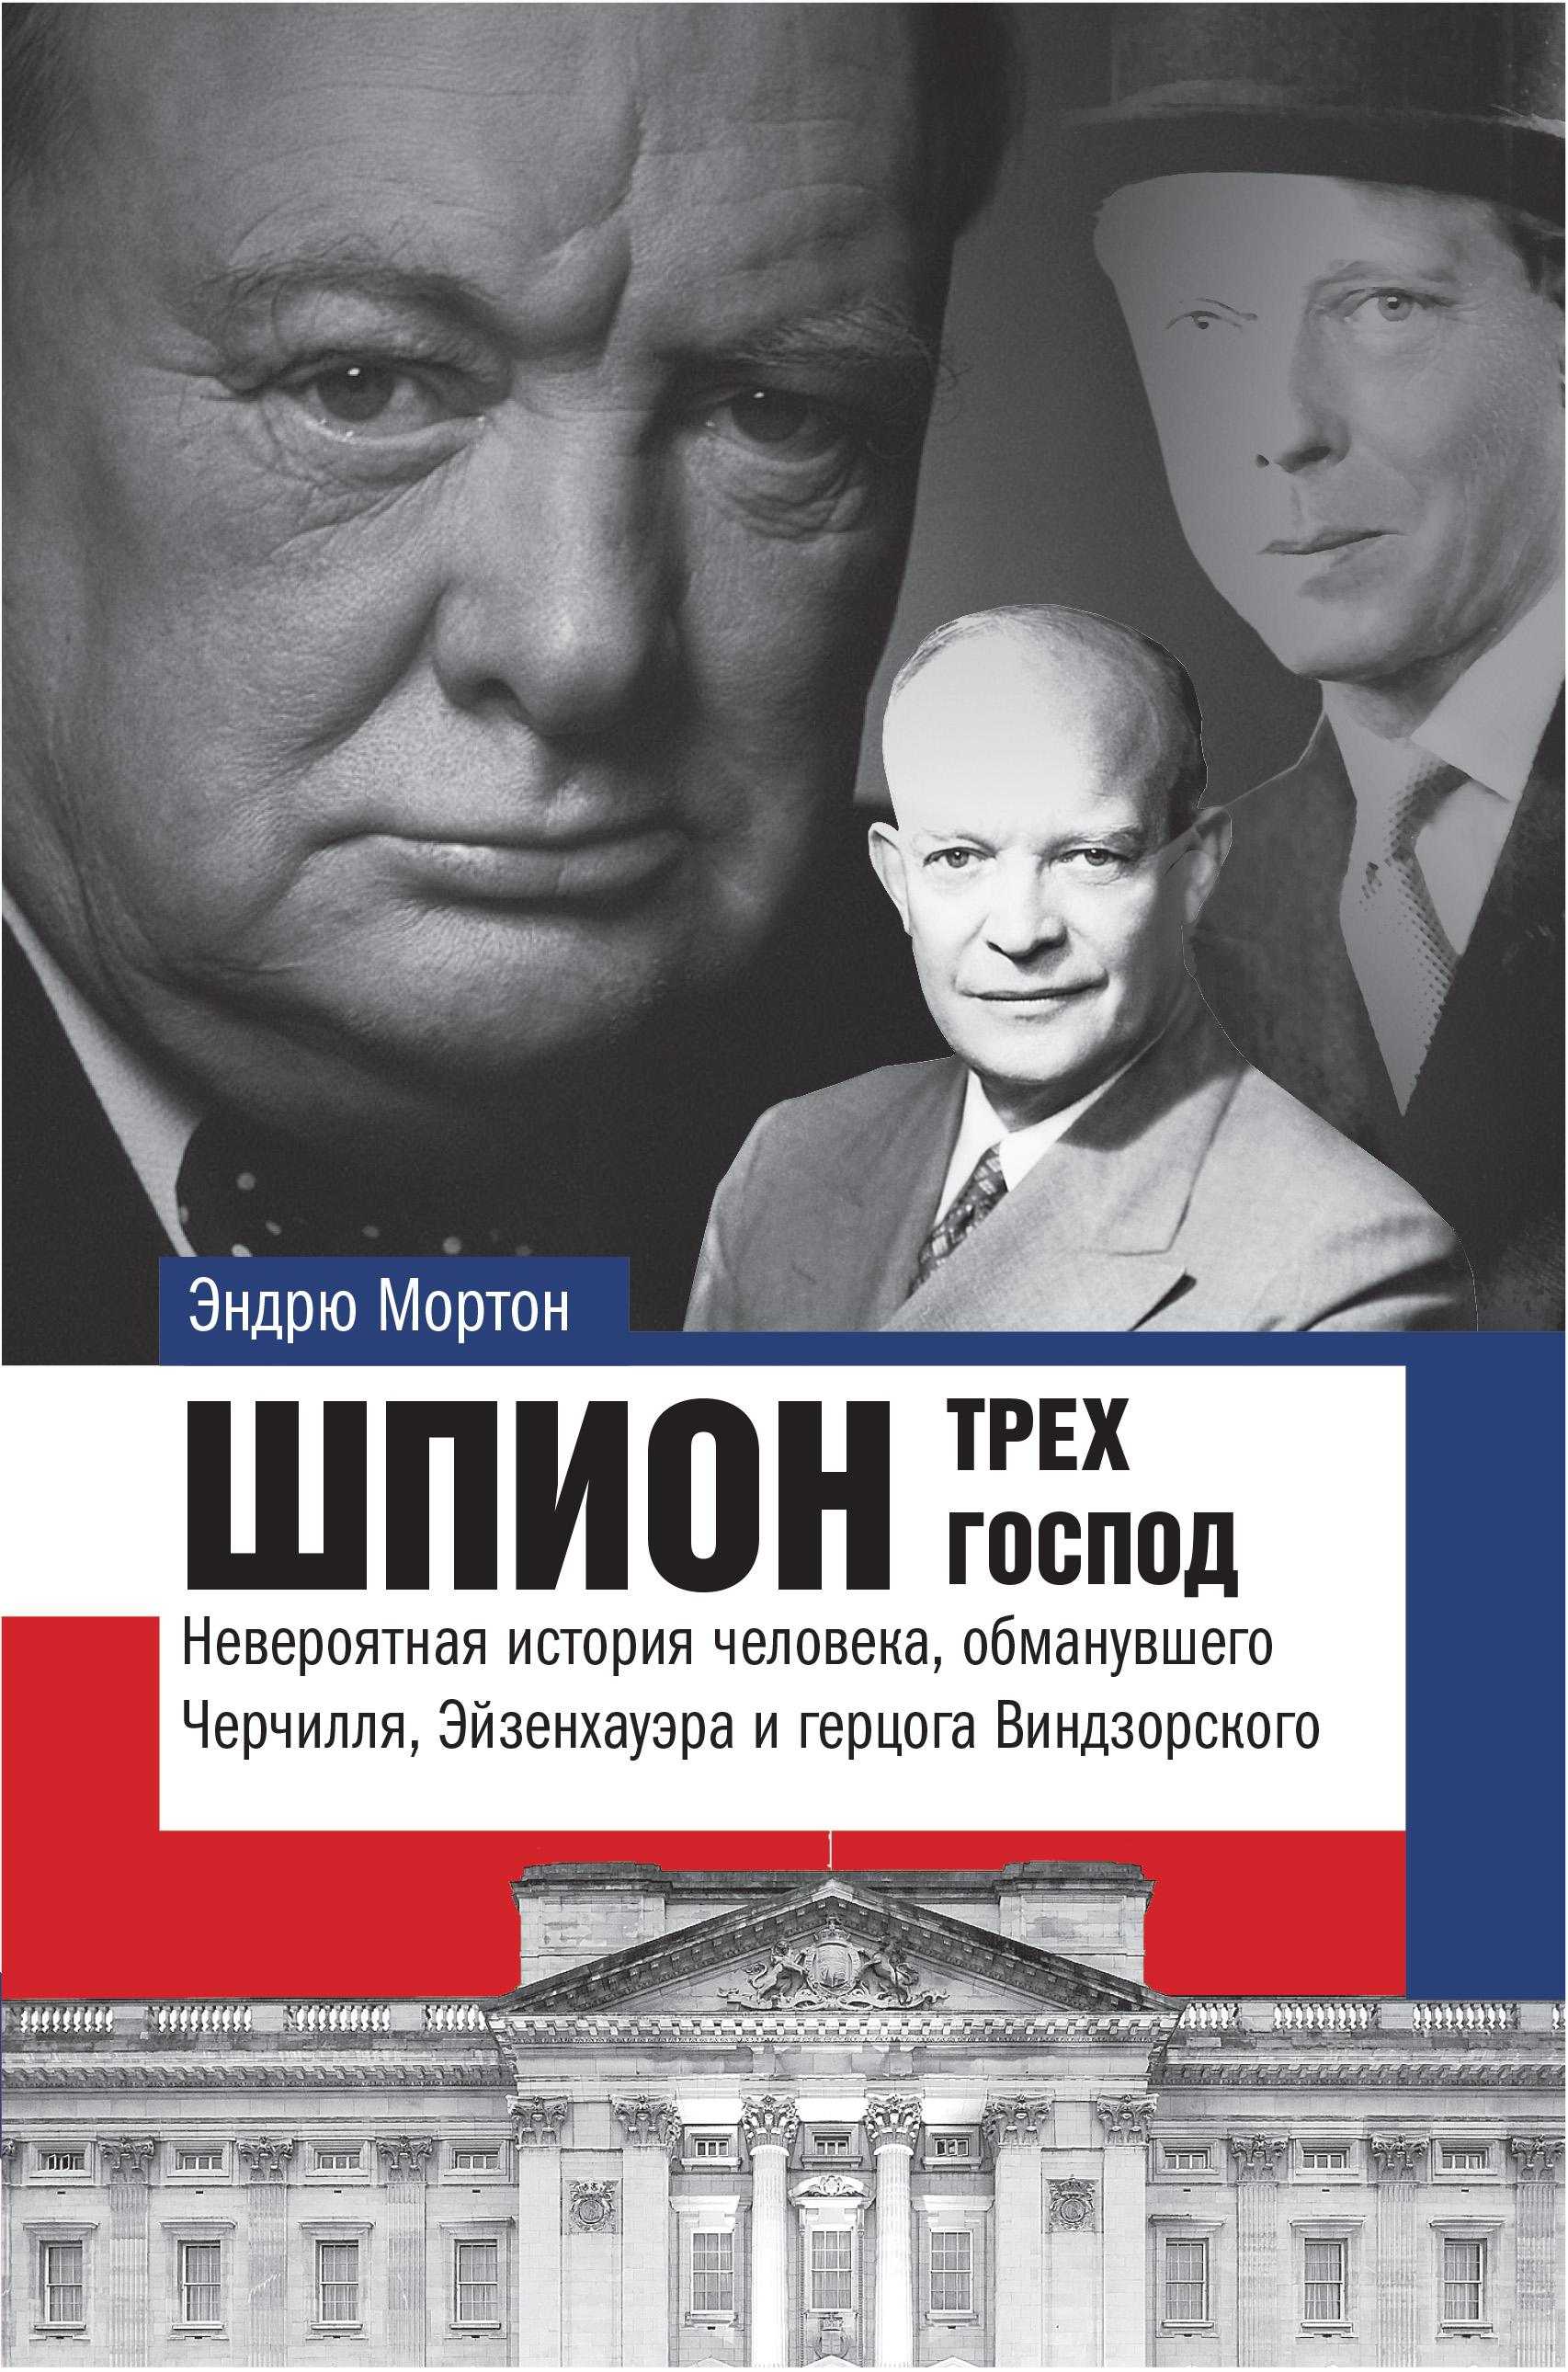 Шпион трех господ: невероятная история человека, обманувшего Черчилля, Эйзенхауэра и Гитлера. Эндрю Мортон